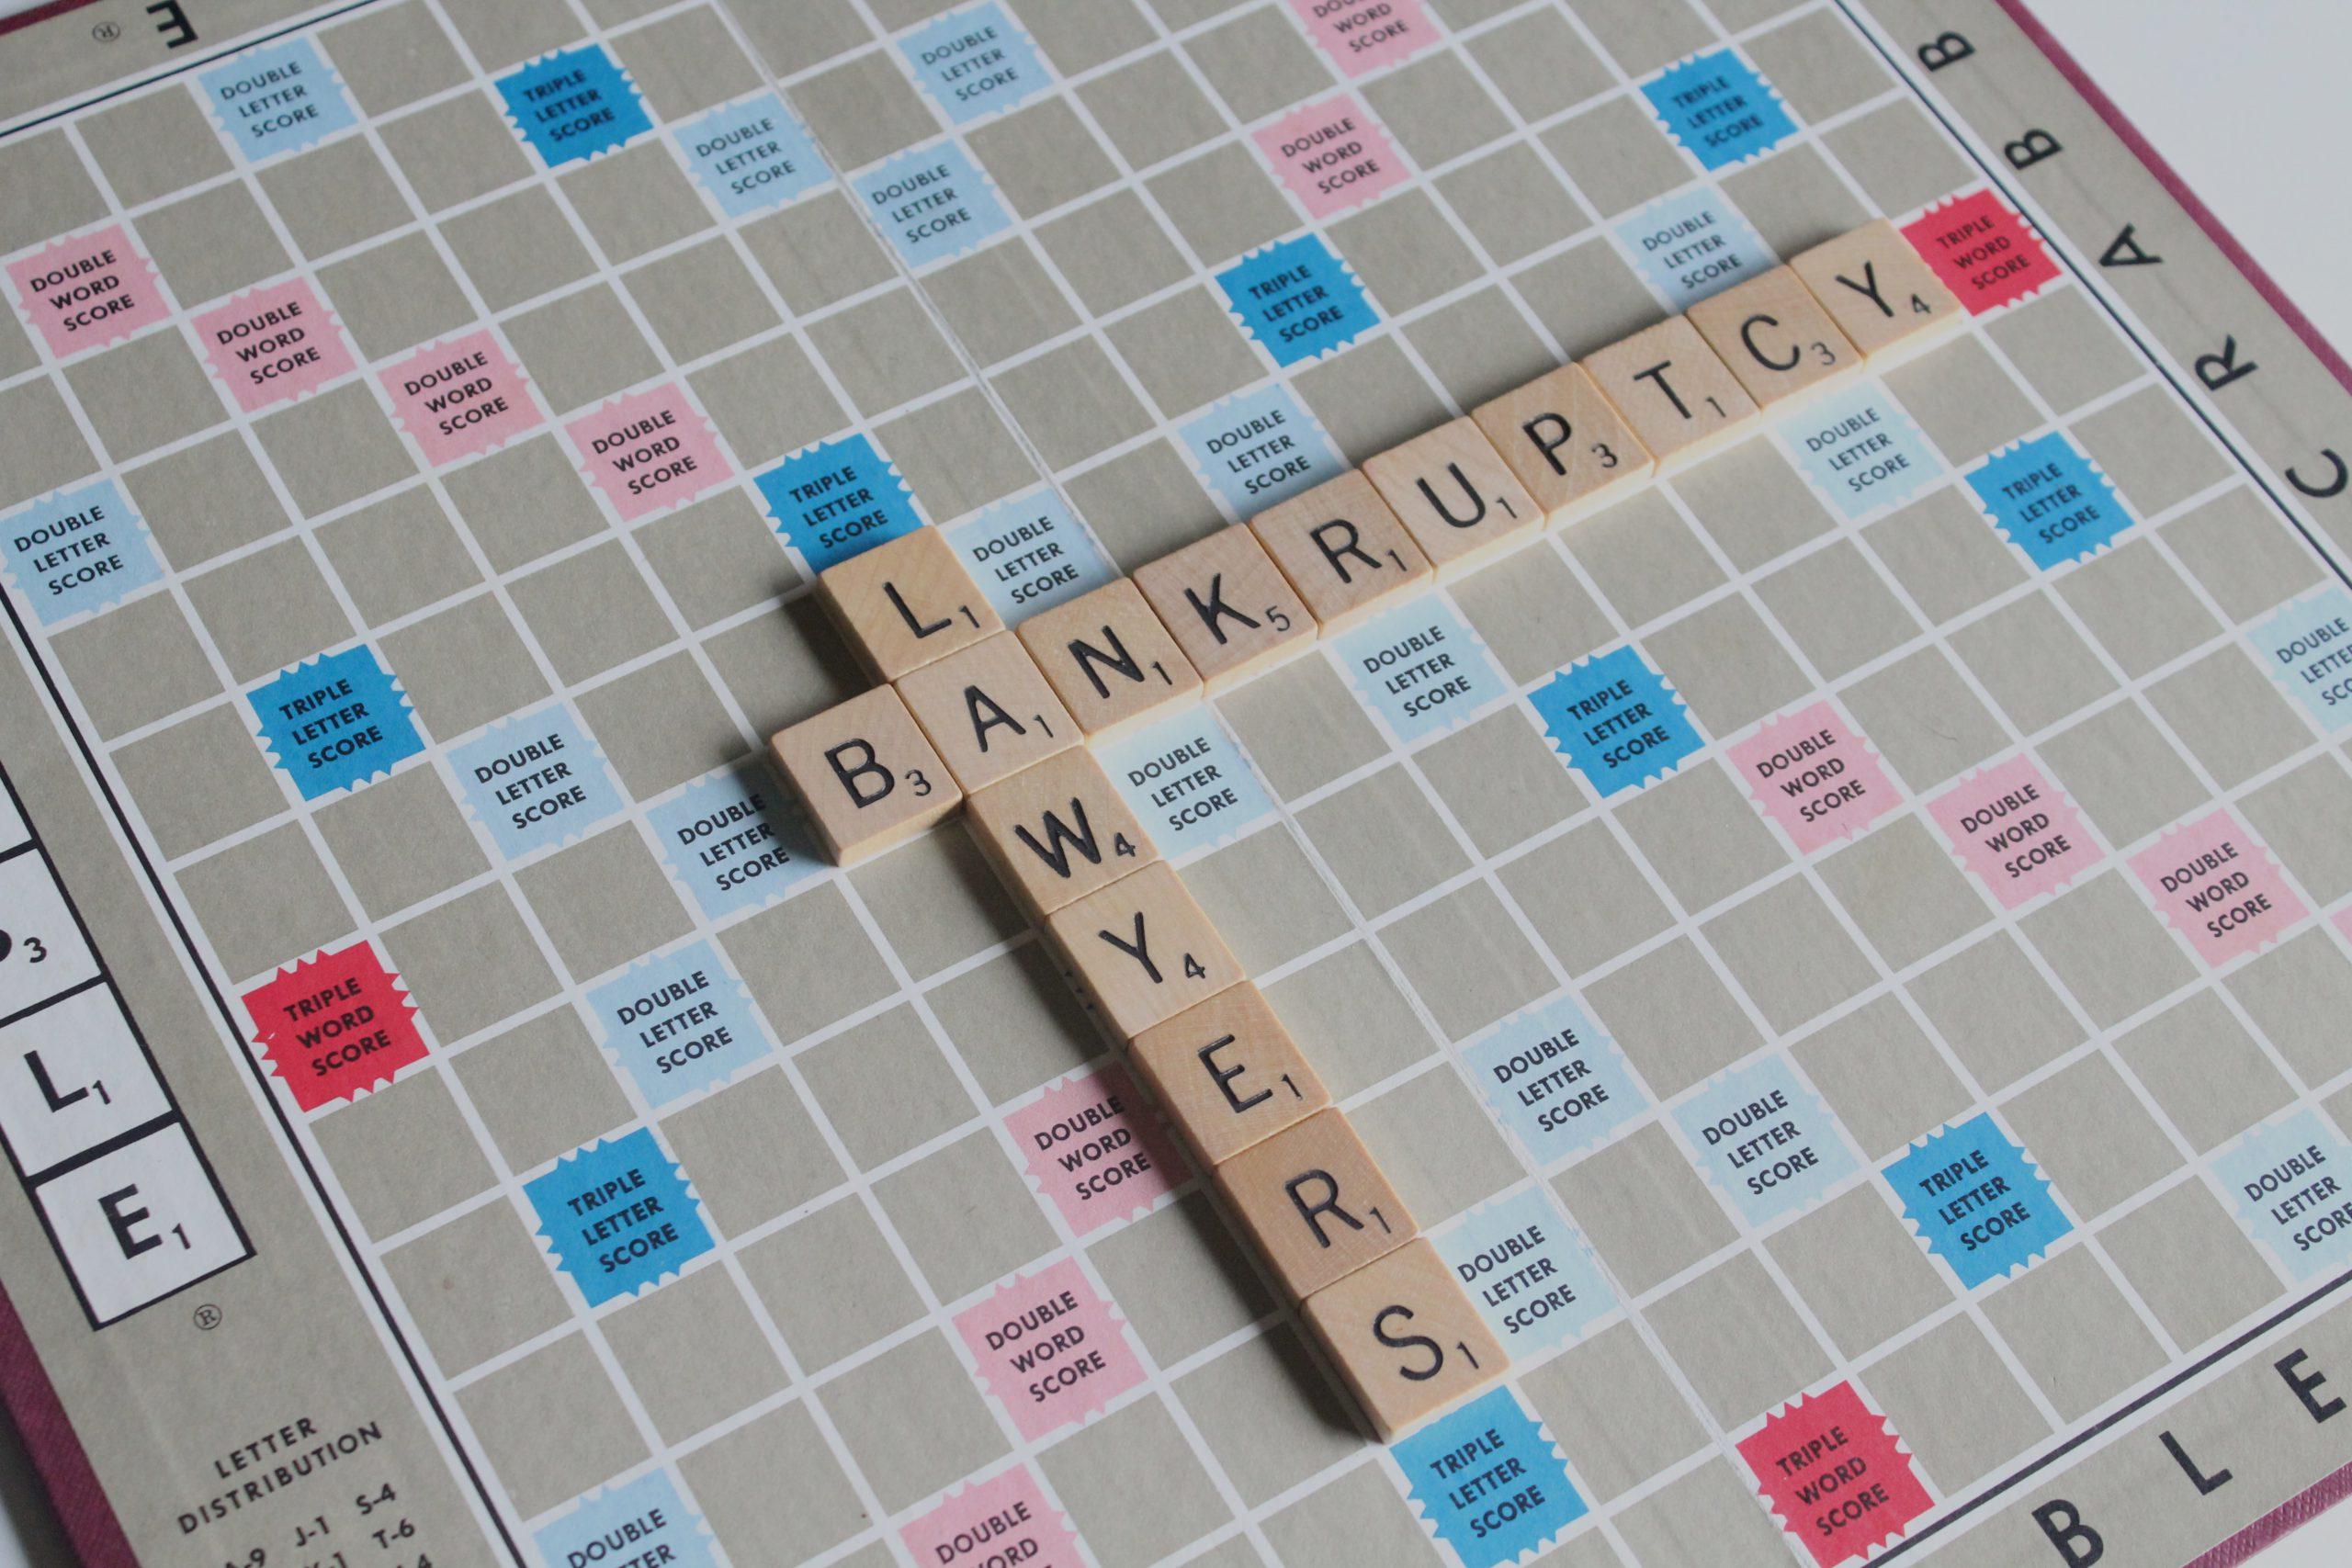 Bestuurdersaansprakelijkheid en boekhoudverplichting